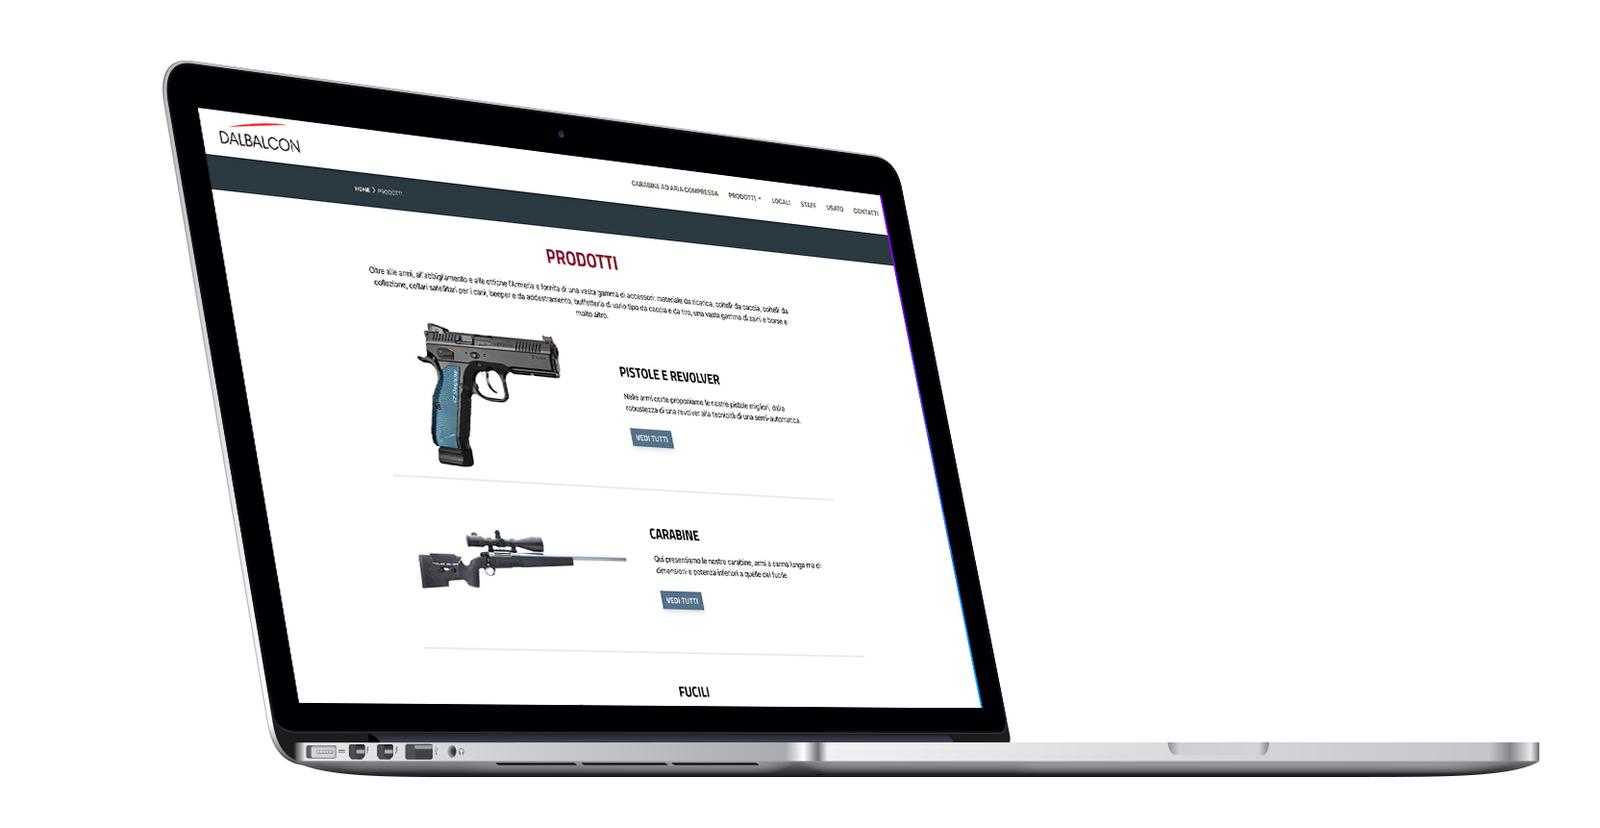 macbook che visualizza la pagina prodotti del sito Armeria Dal Balcon